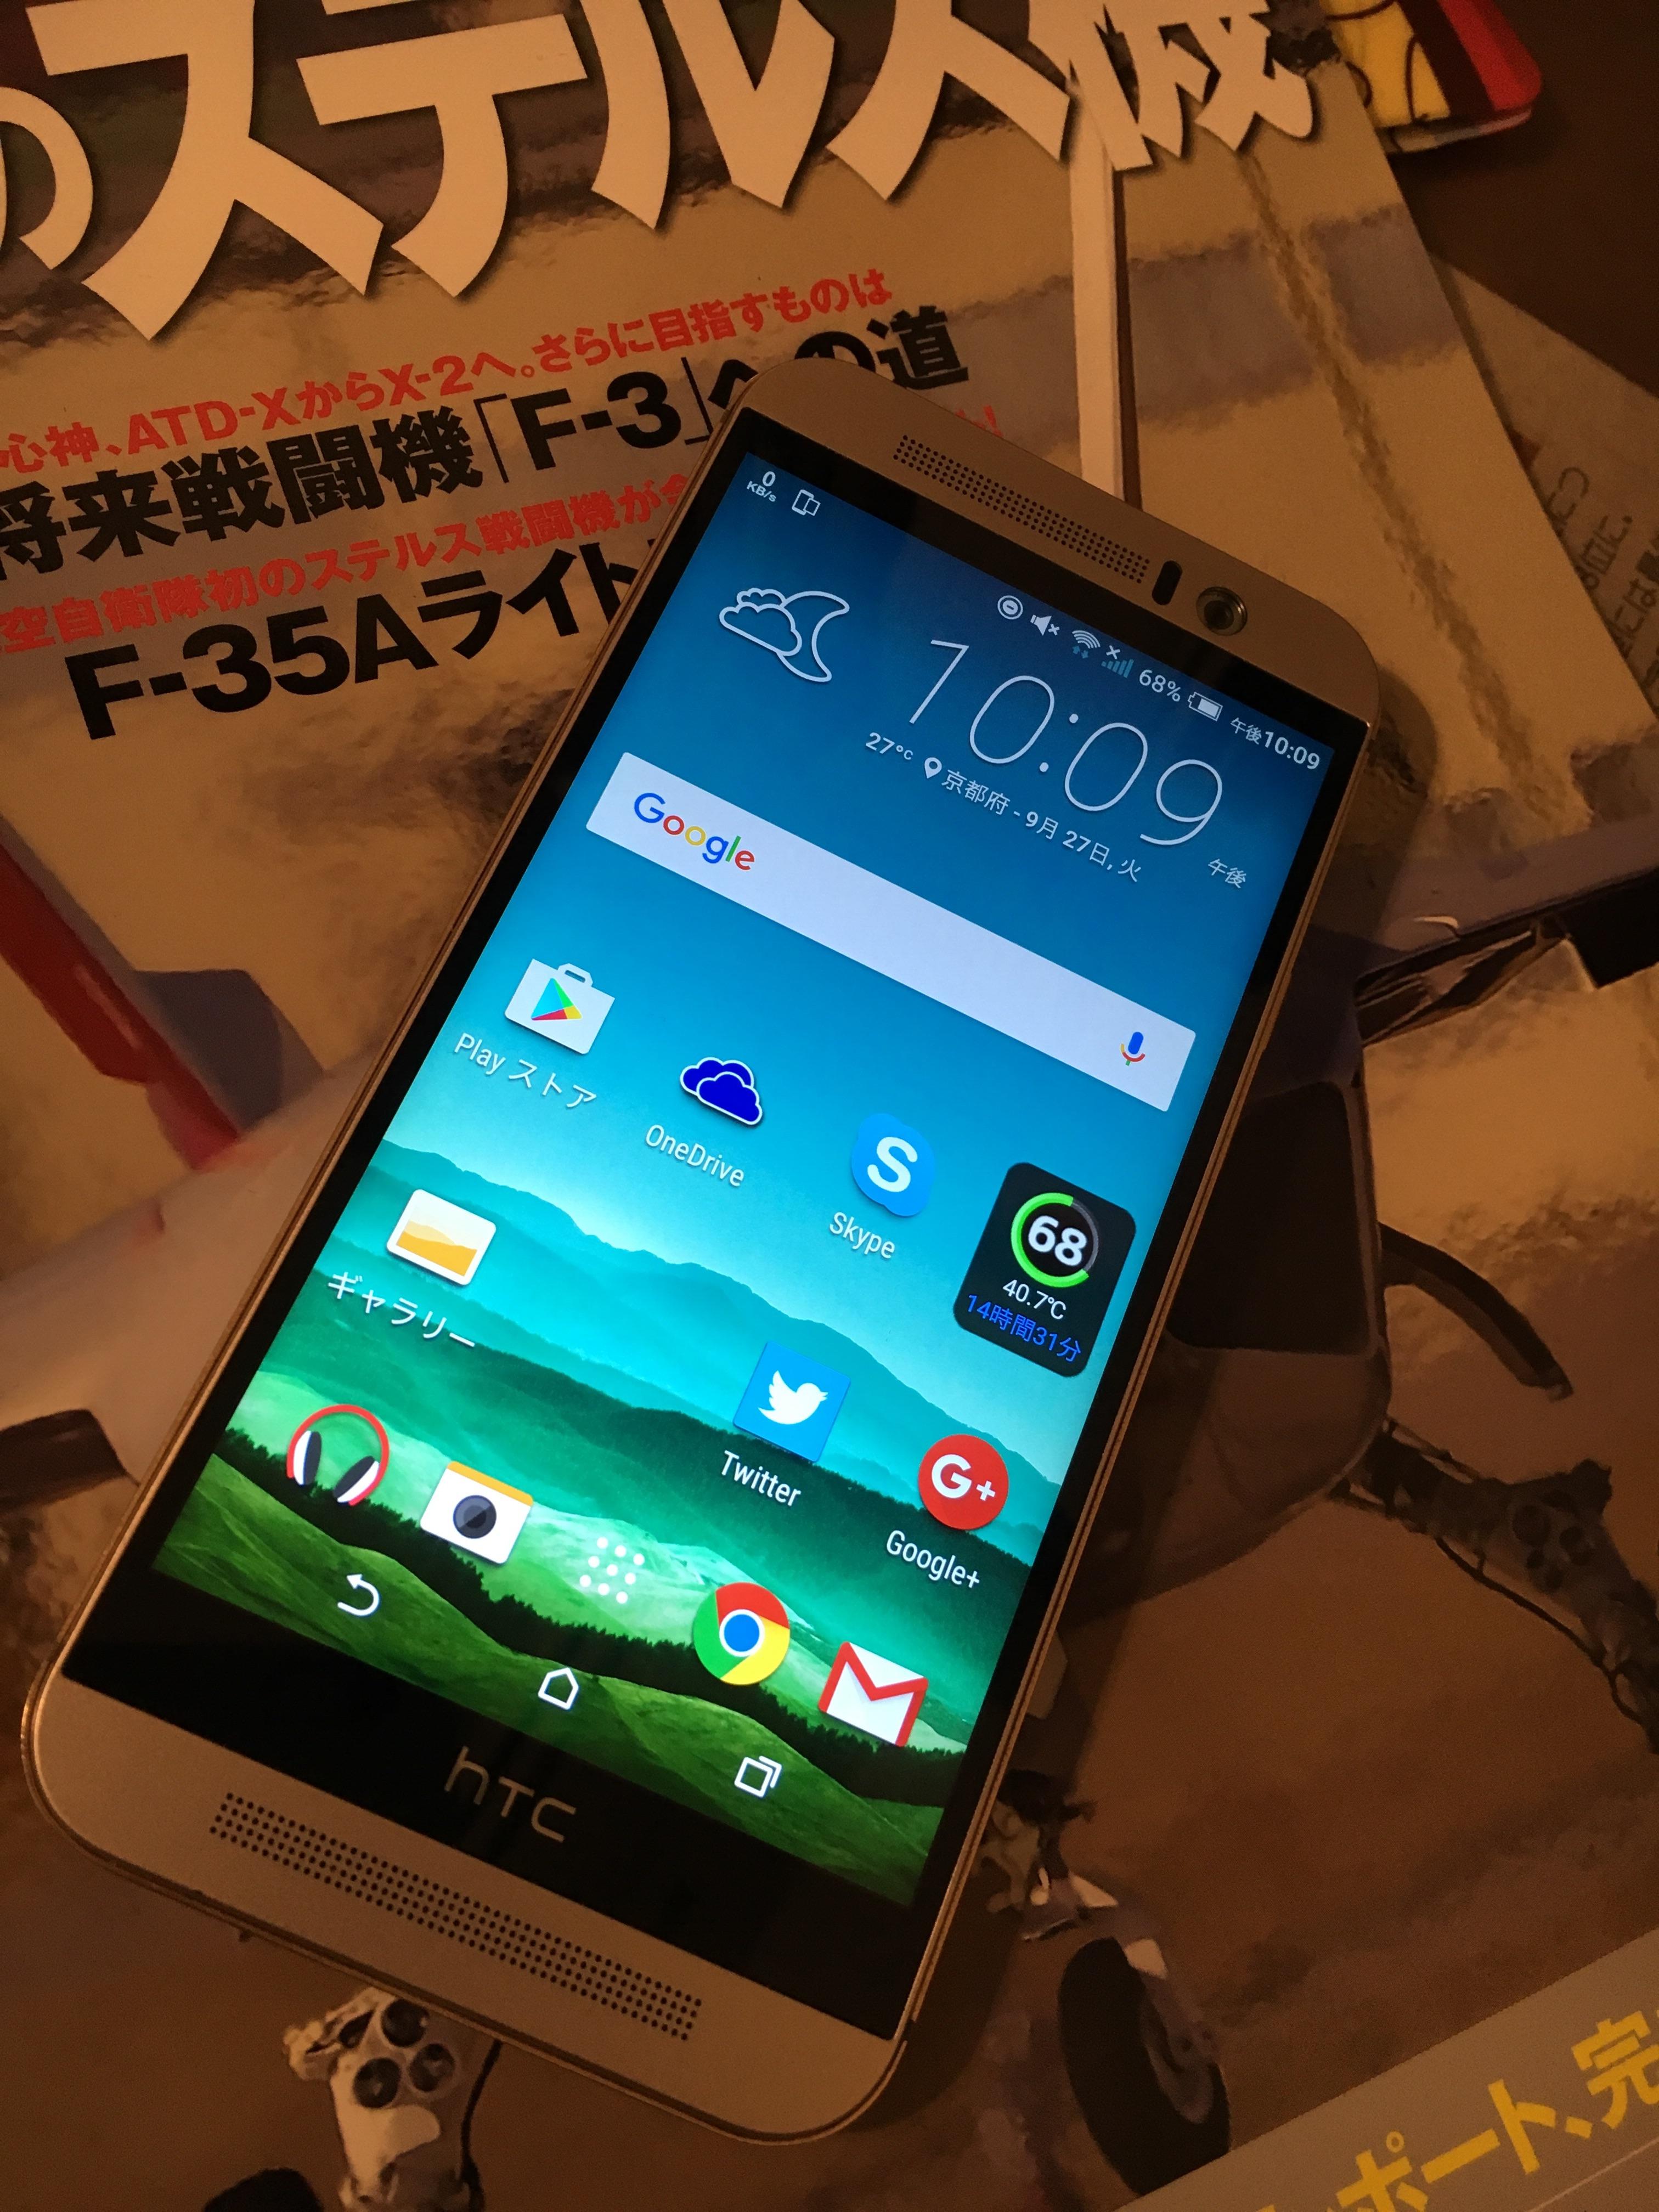 f:id:yuiyui1226802:20170410231619j:image